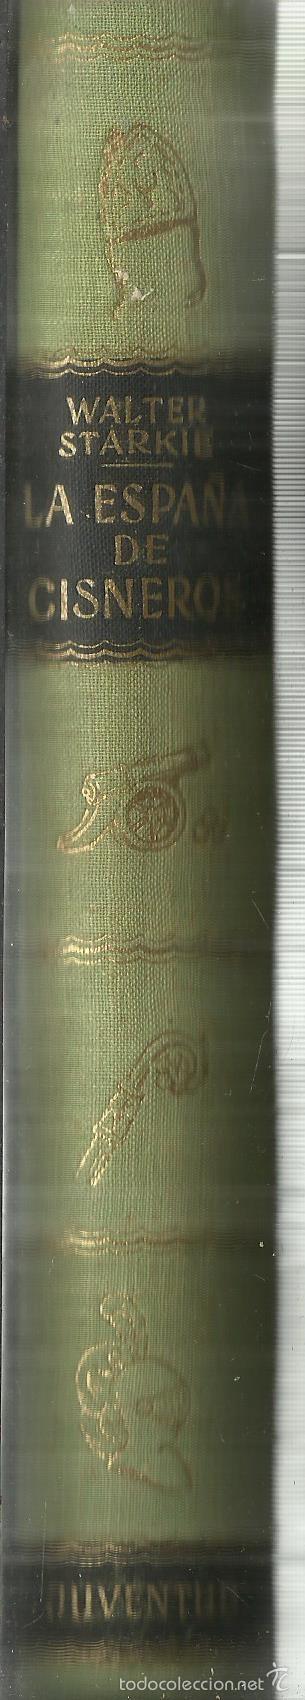 Libros de segunda mano: LA ESPAÑA DE CISNEROS. WALTER STARKIE. EDITORIAL JUVENTUD. BARCLEONA. 1953 - Foto 4 - 186586958